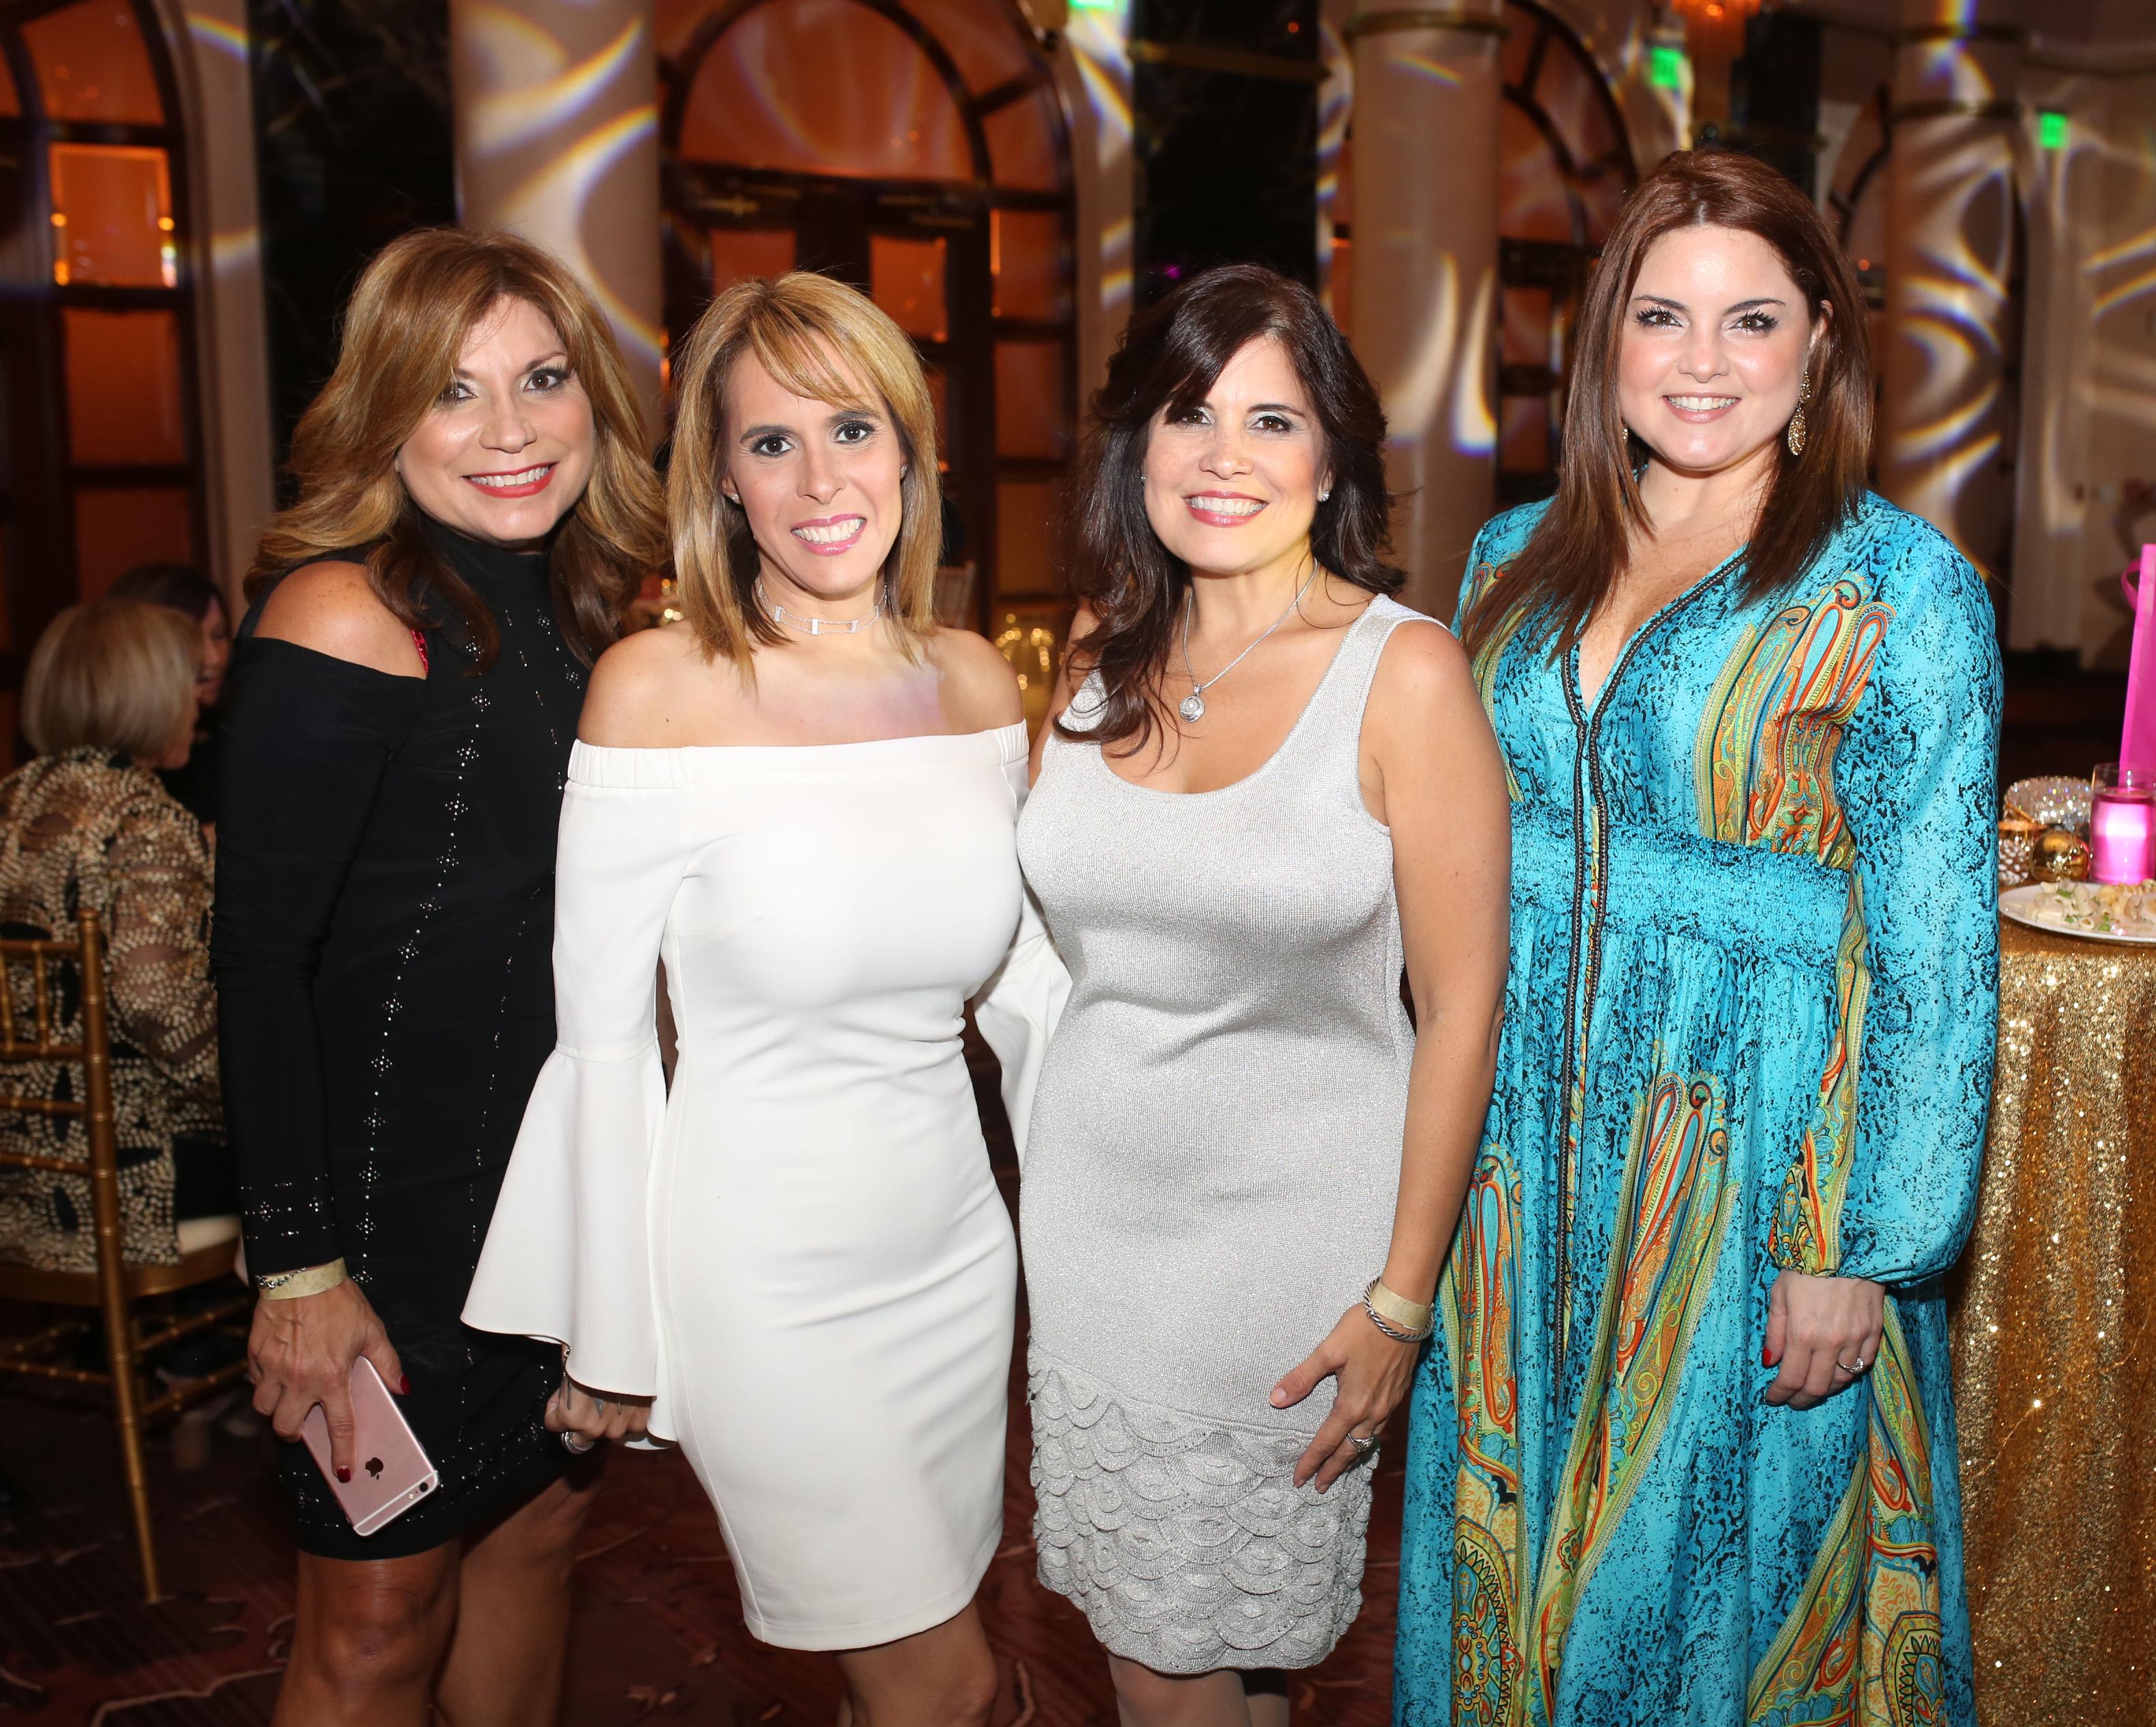 Betsy Girón, Mirelis y María Cruz con Melissa Barral.Foto: José R. Pérez Centeno.